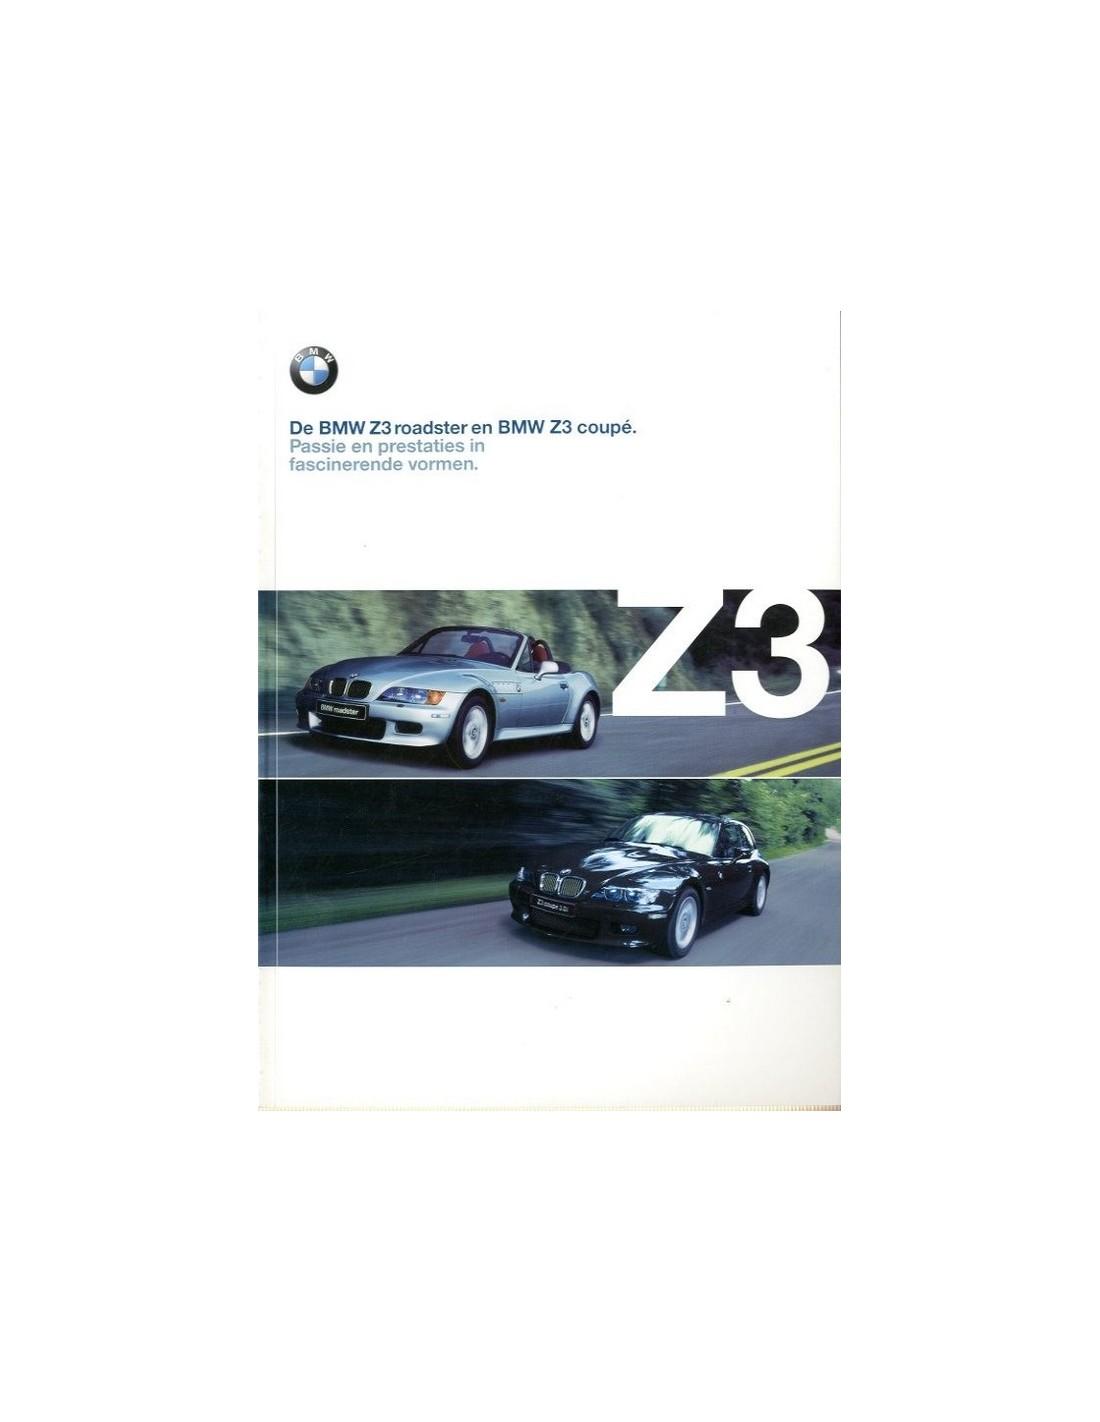 2000 Bmw Z3 Roadster Amp Coupe Brochure Nederlands